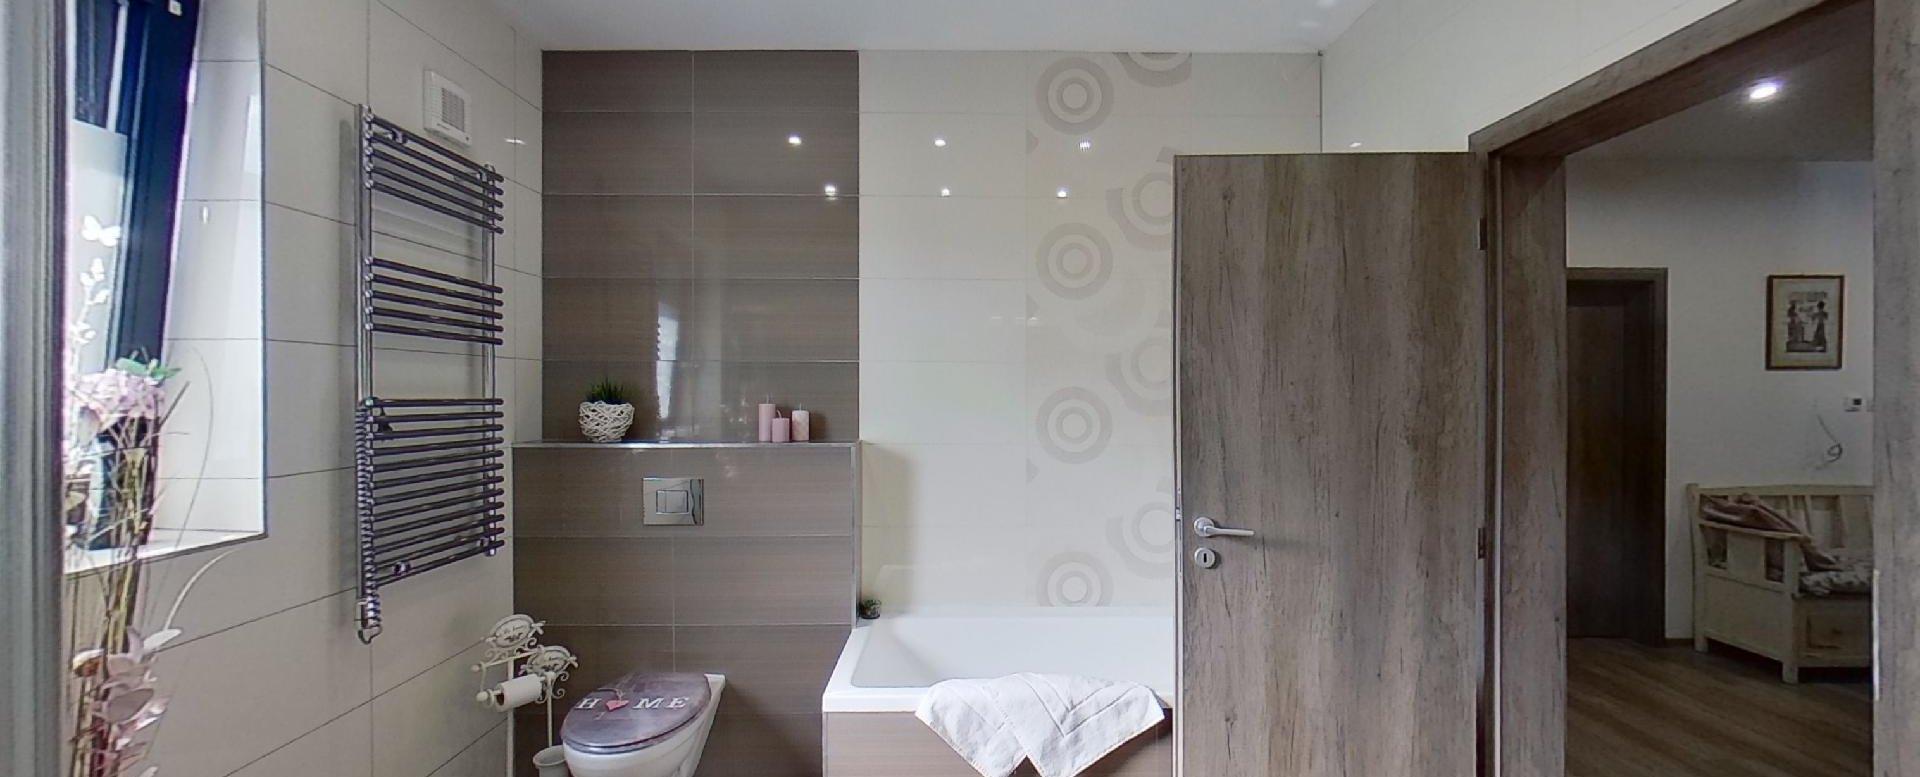 pohľad na toaletu, radiátor a vaňu